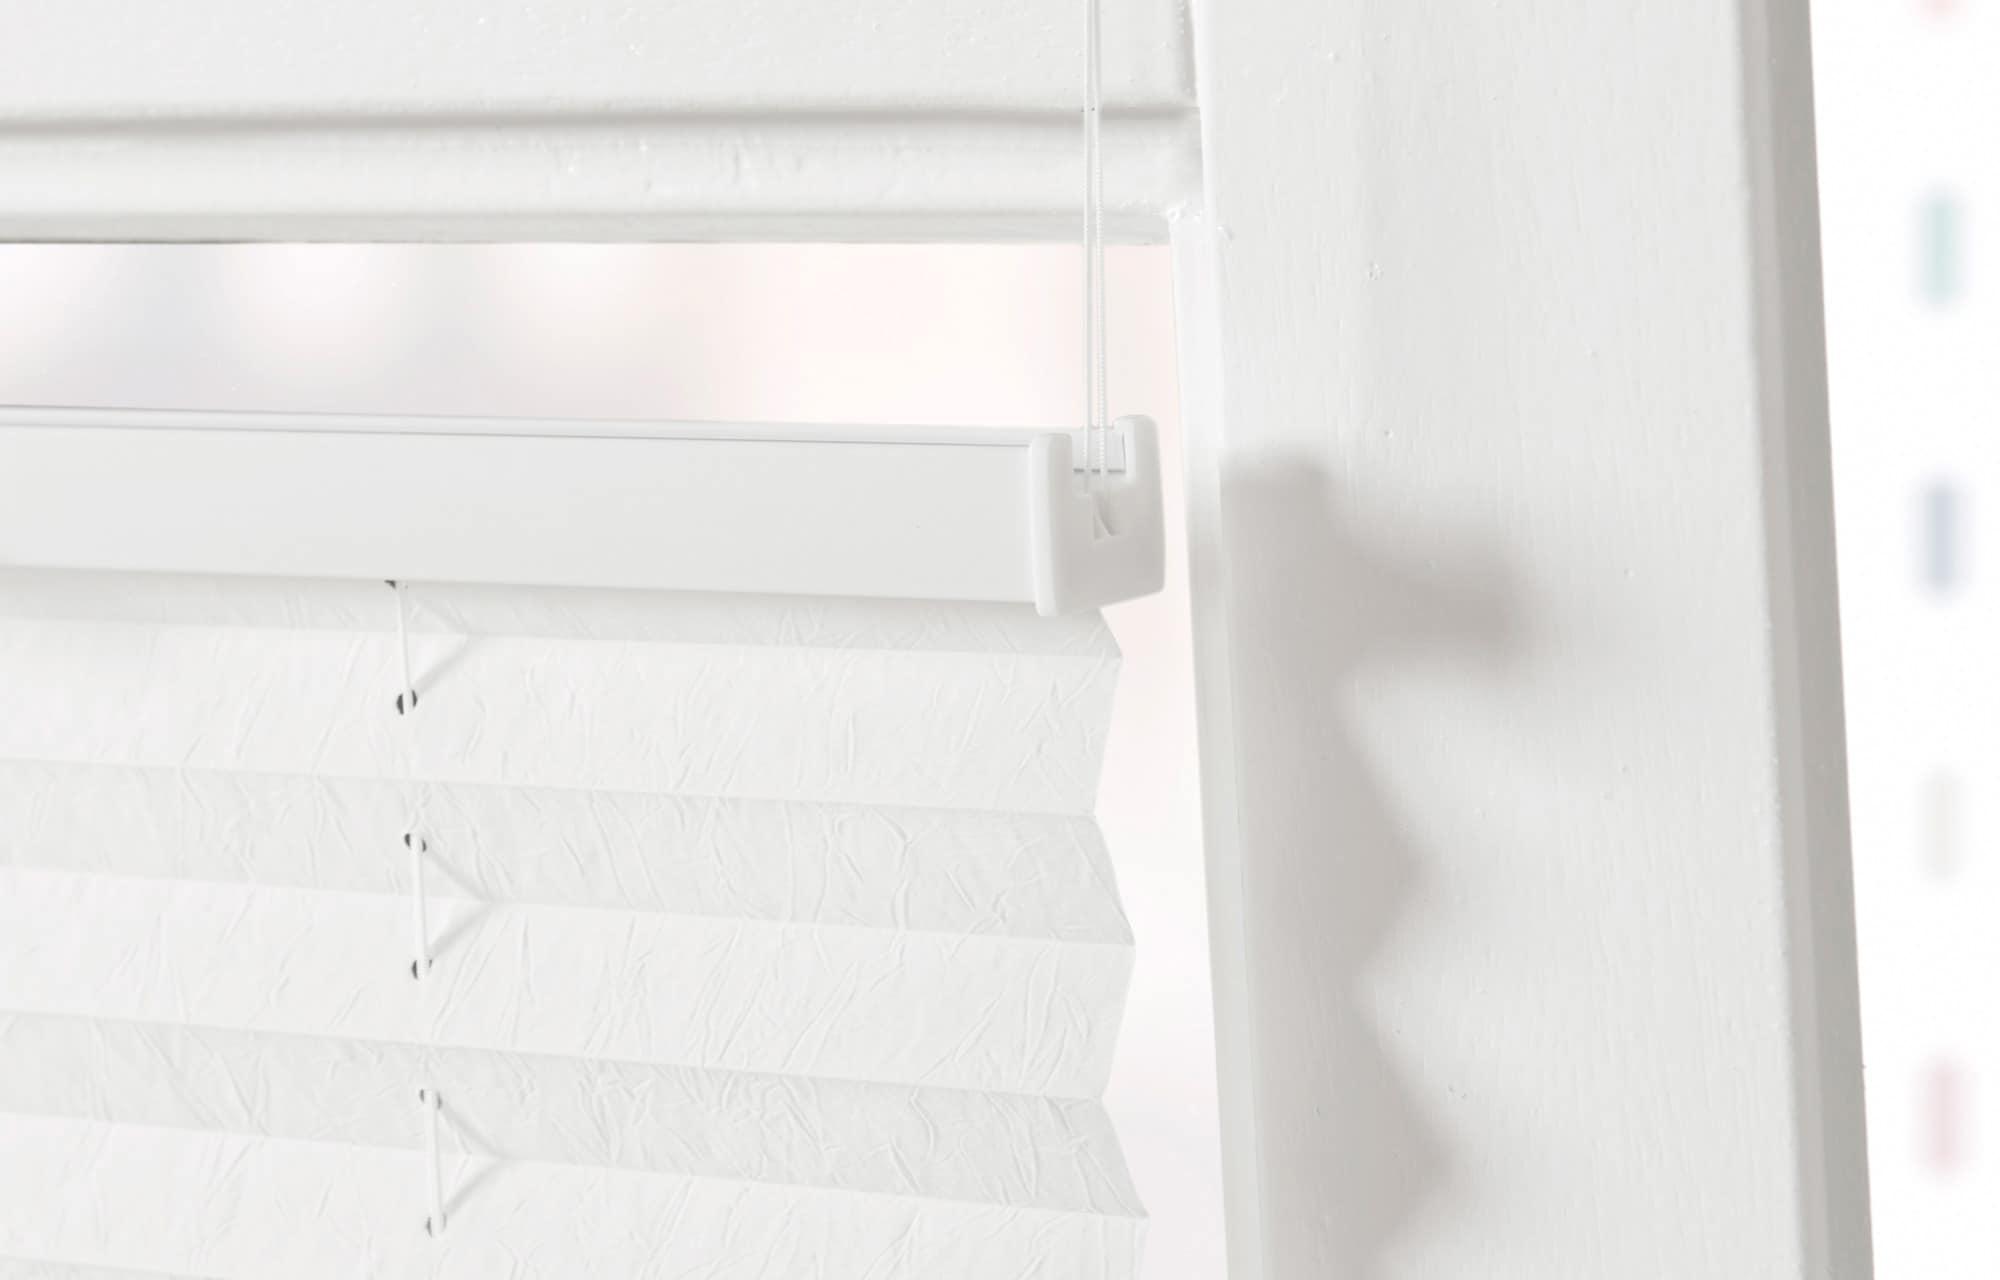 crush plissee von victoria m knitterstoff plissee. Black Bedroom Furniture Sets. Home Design Ideas